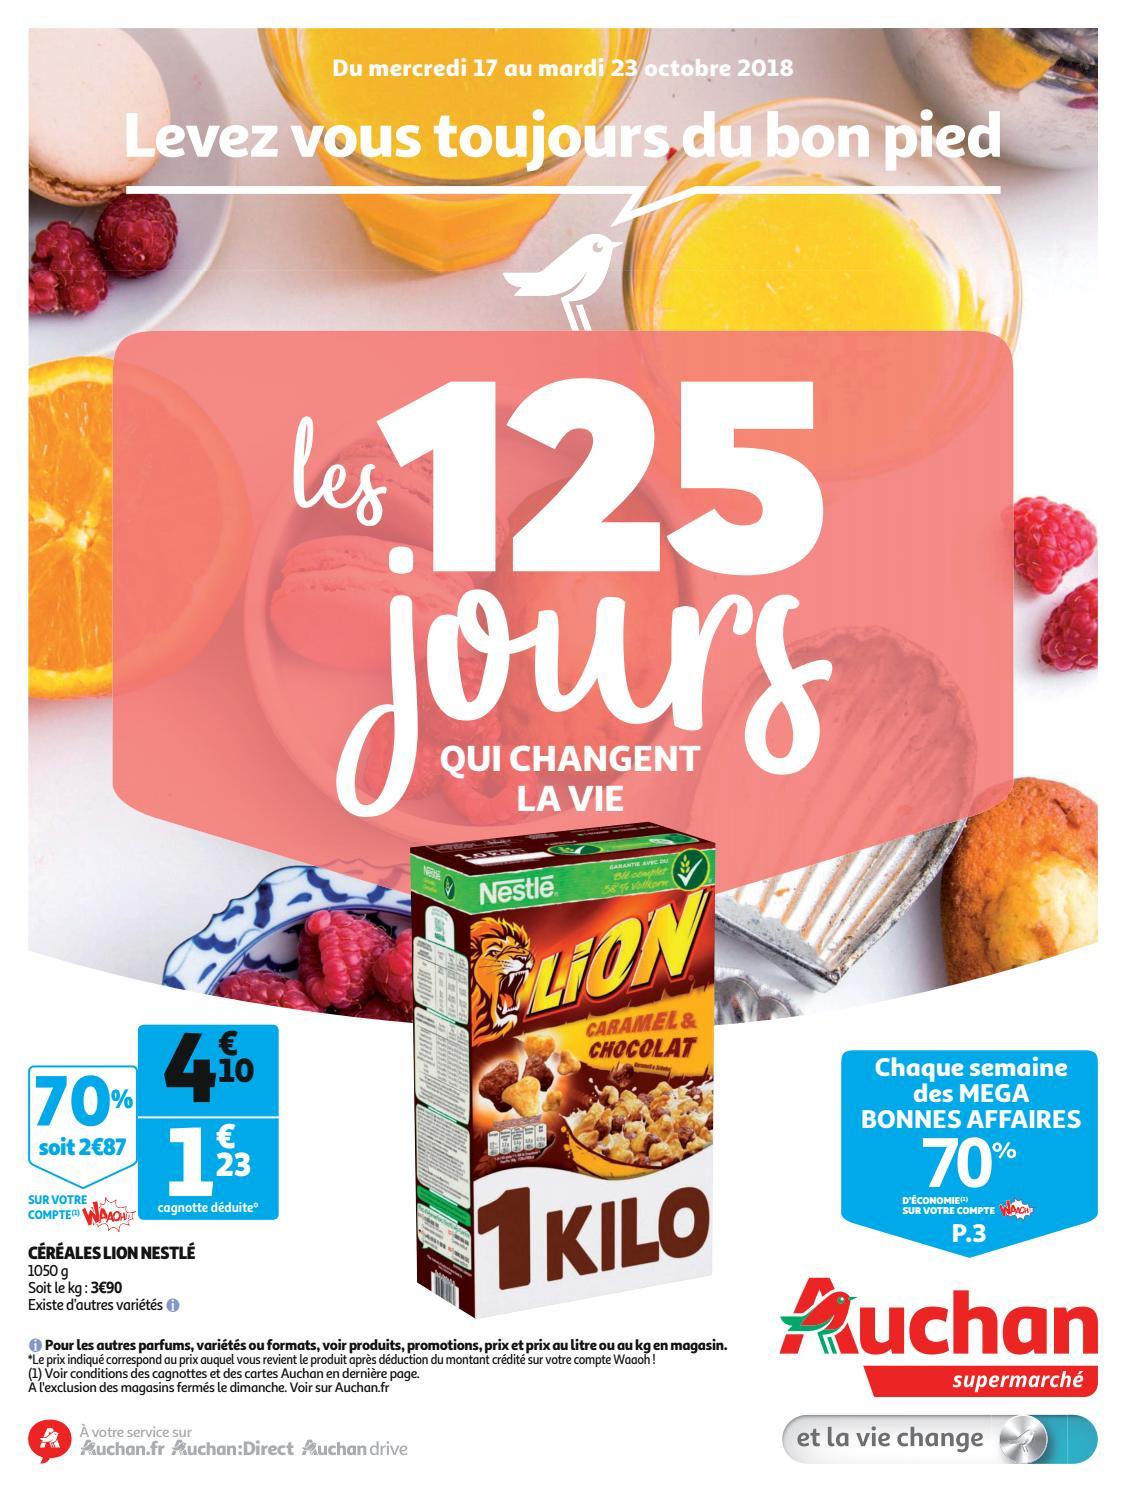 Auchan Supermarché 17 Au Octobre 23 Catalogue Du 2018 g6fb7y